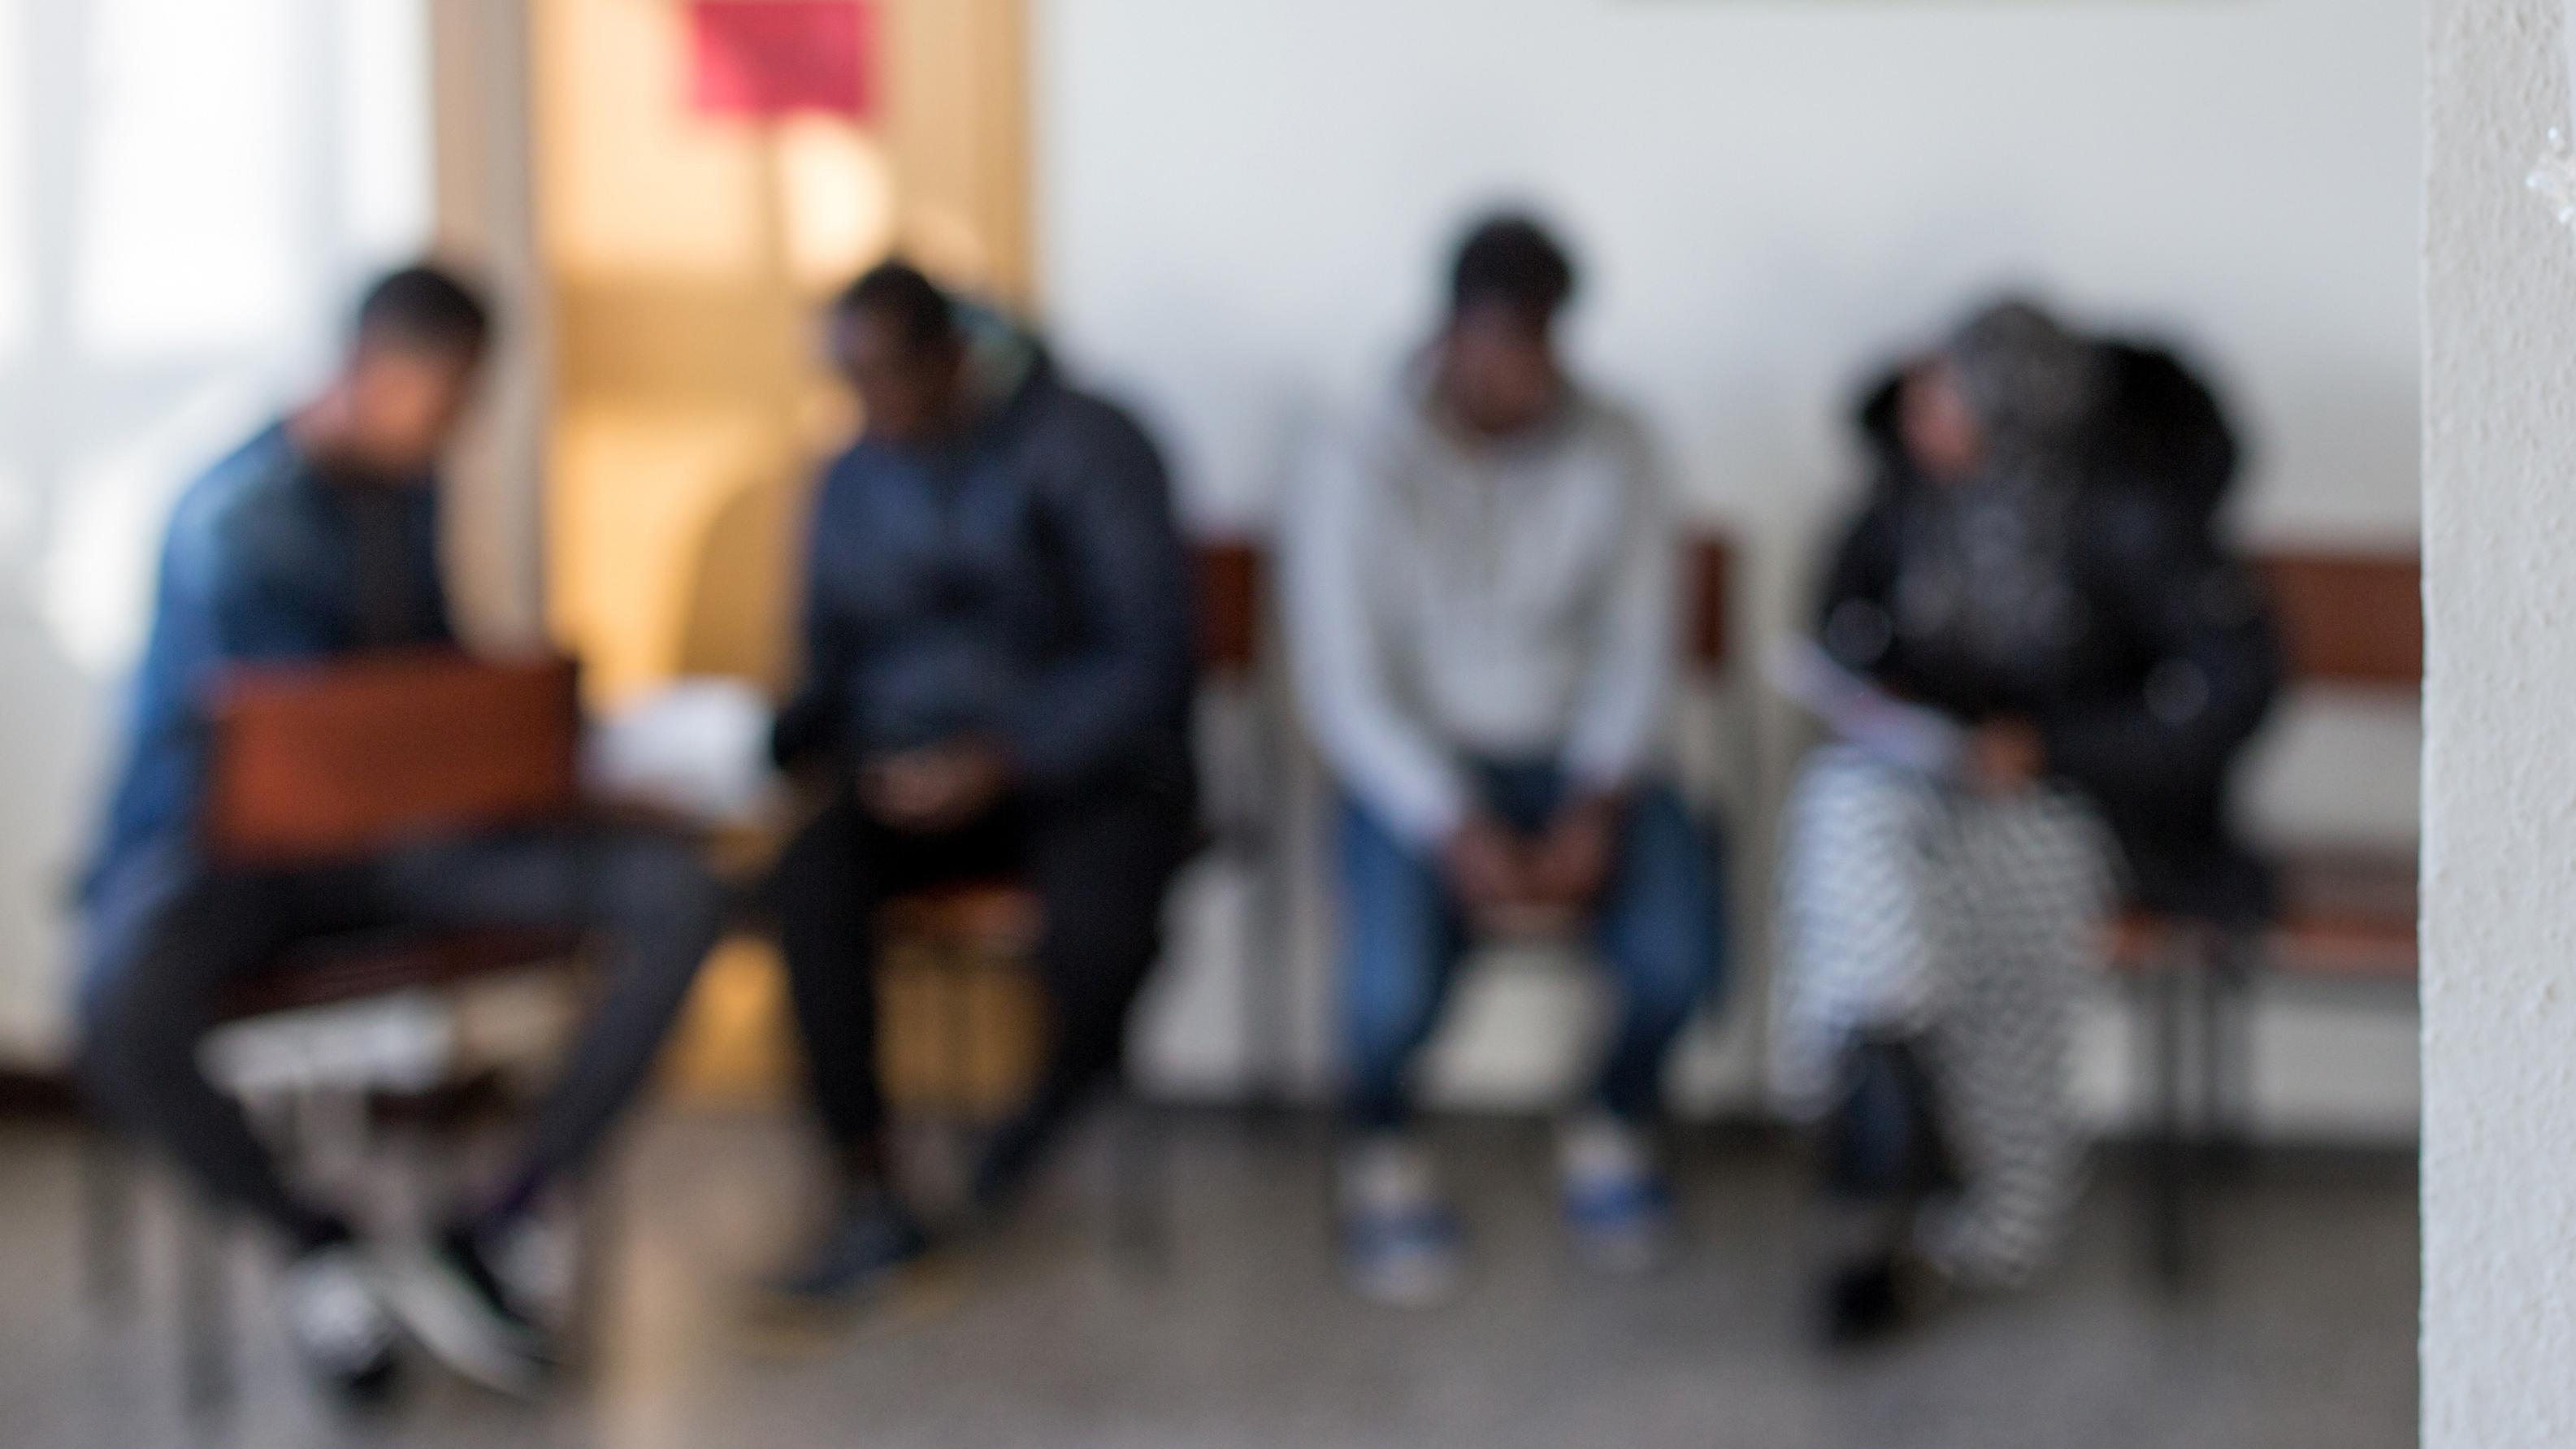 Flüchtlinge warten in einer Erstaufnahmeeinrichtung